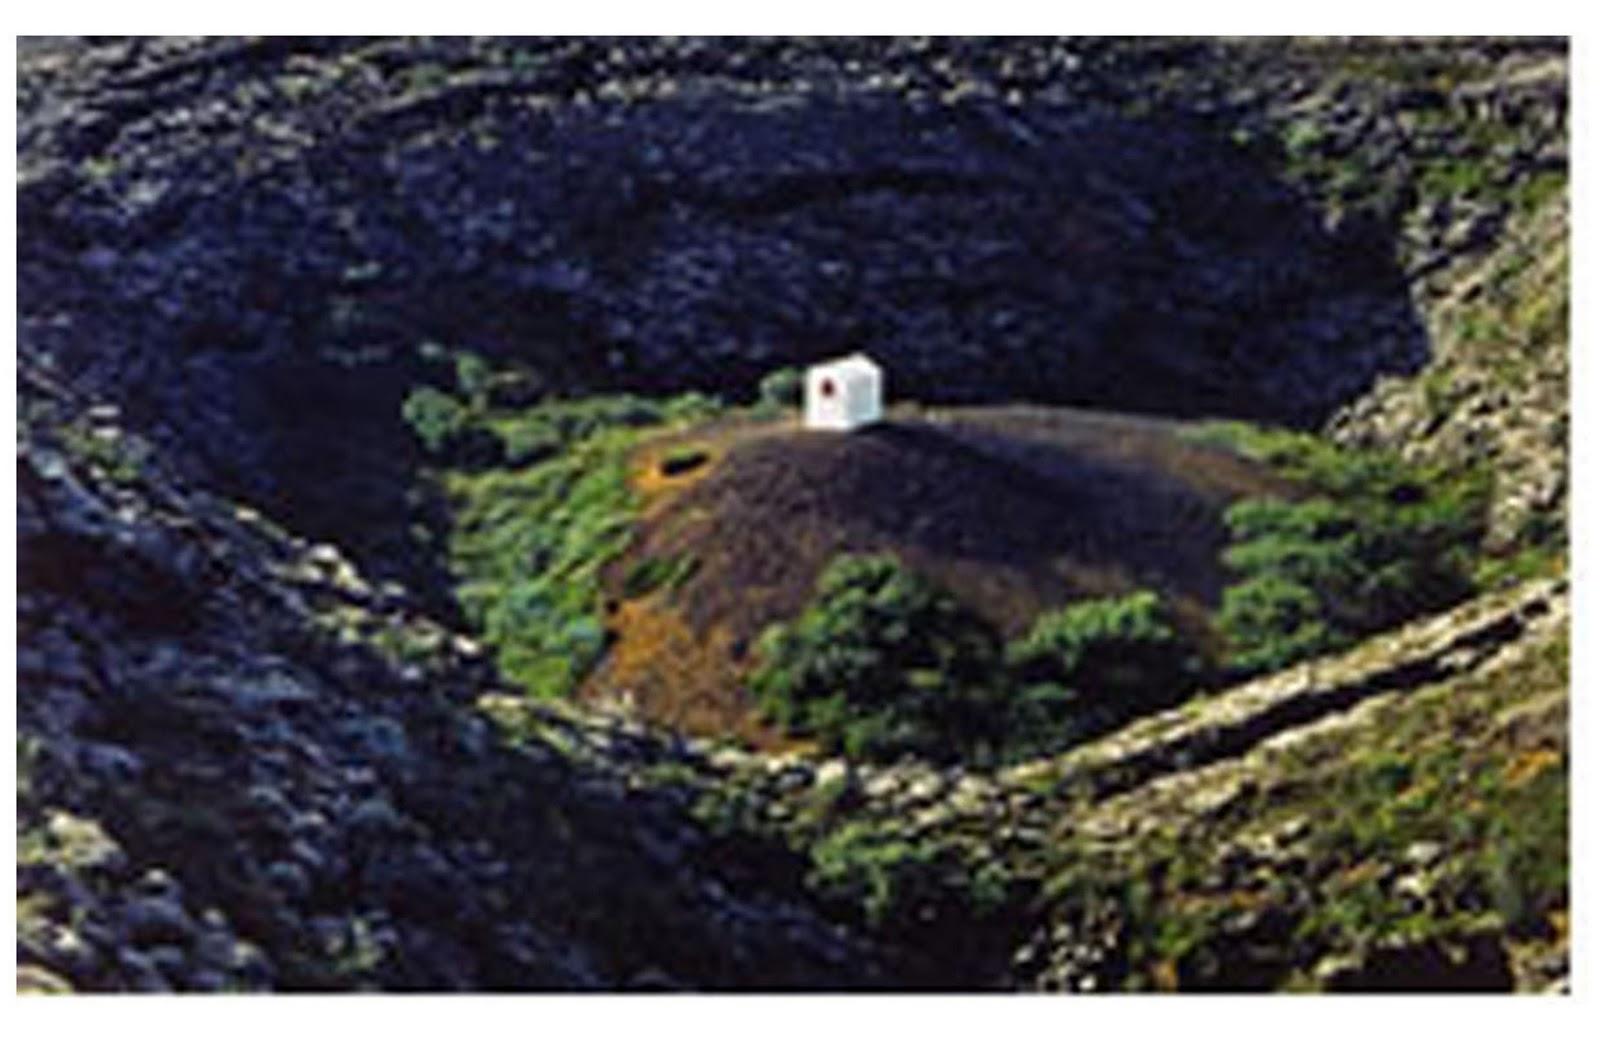 Hreinn fridfinnsson house project